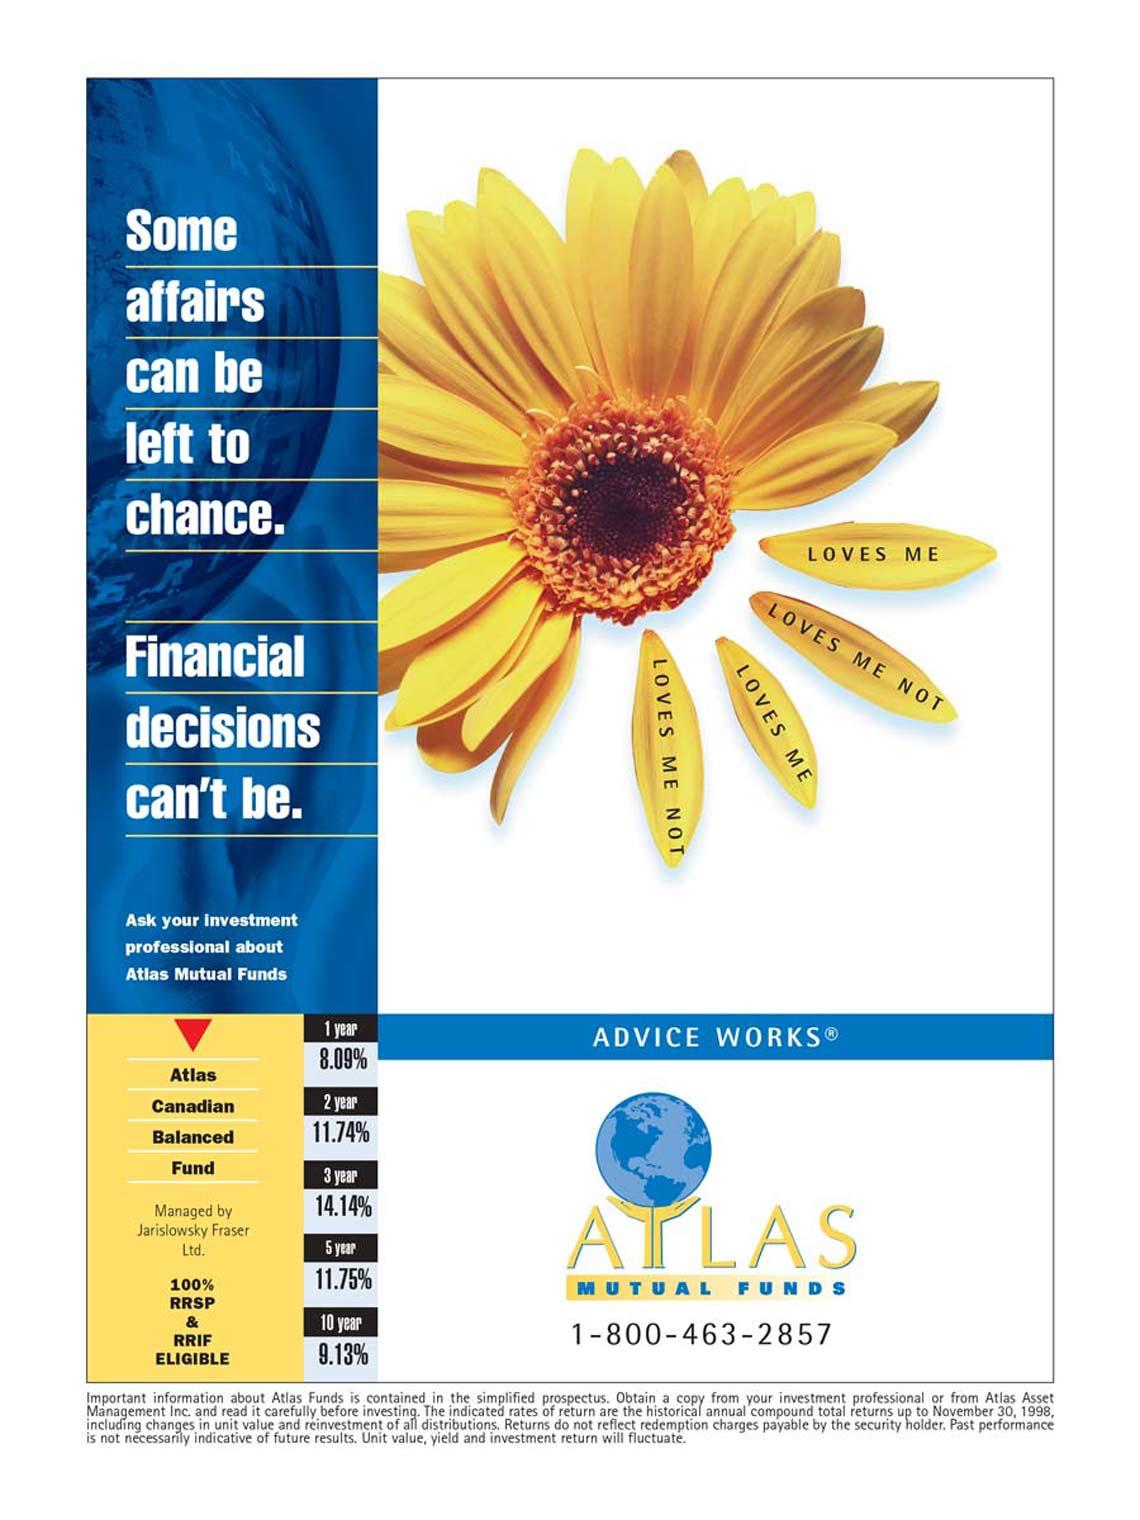 Atlas Mutual Funds